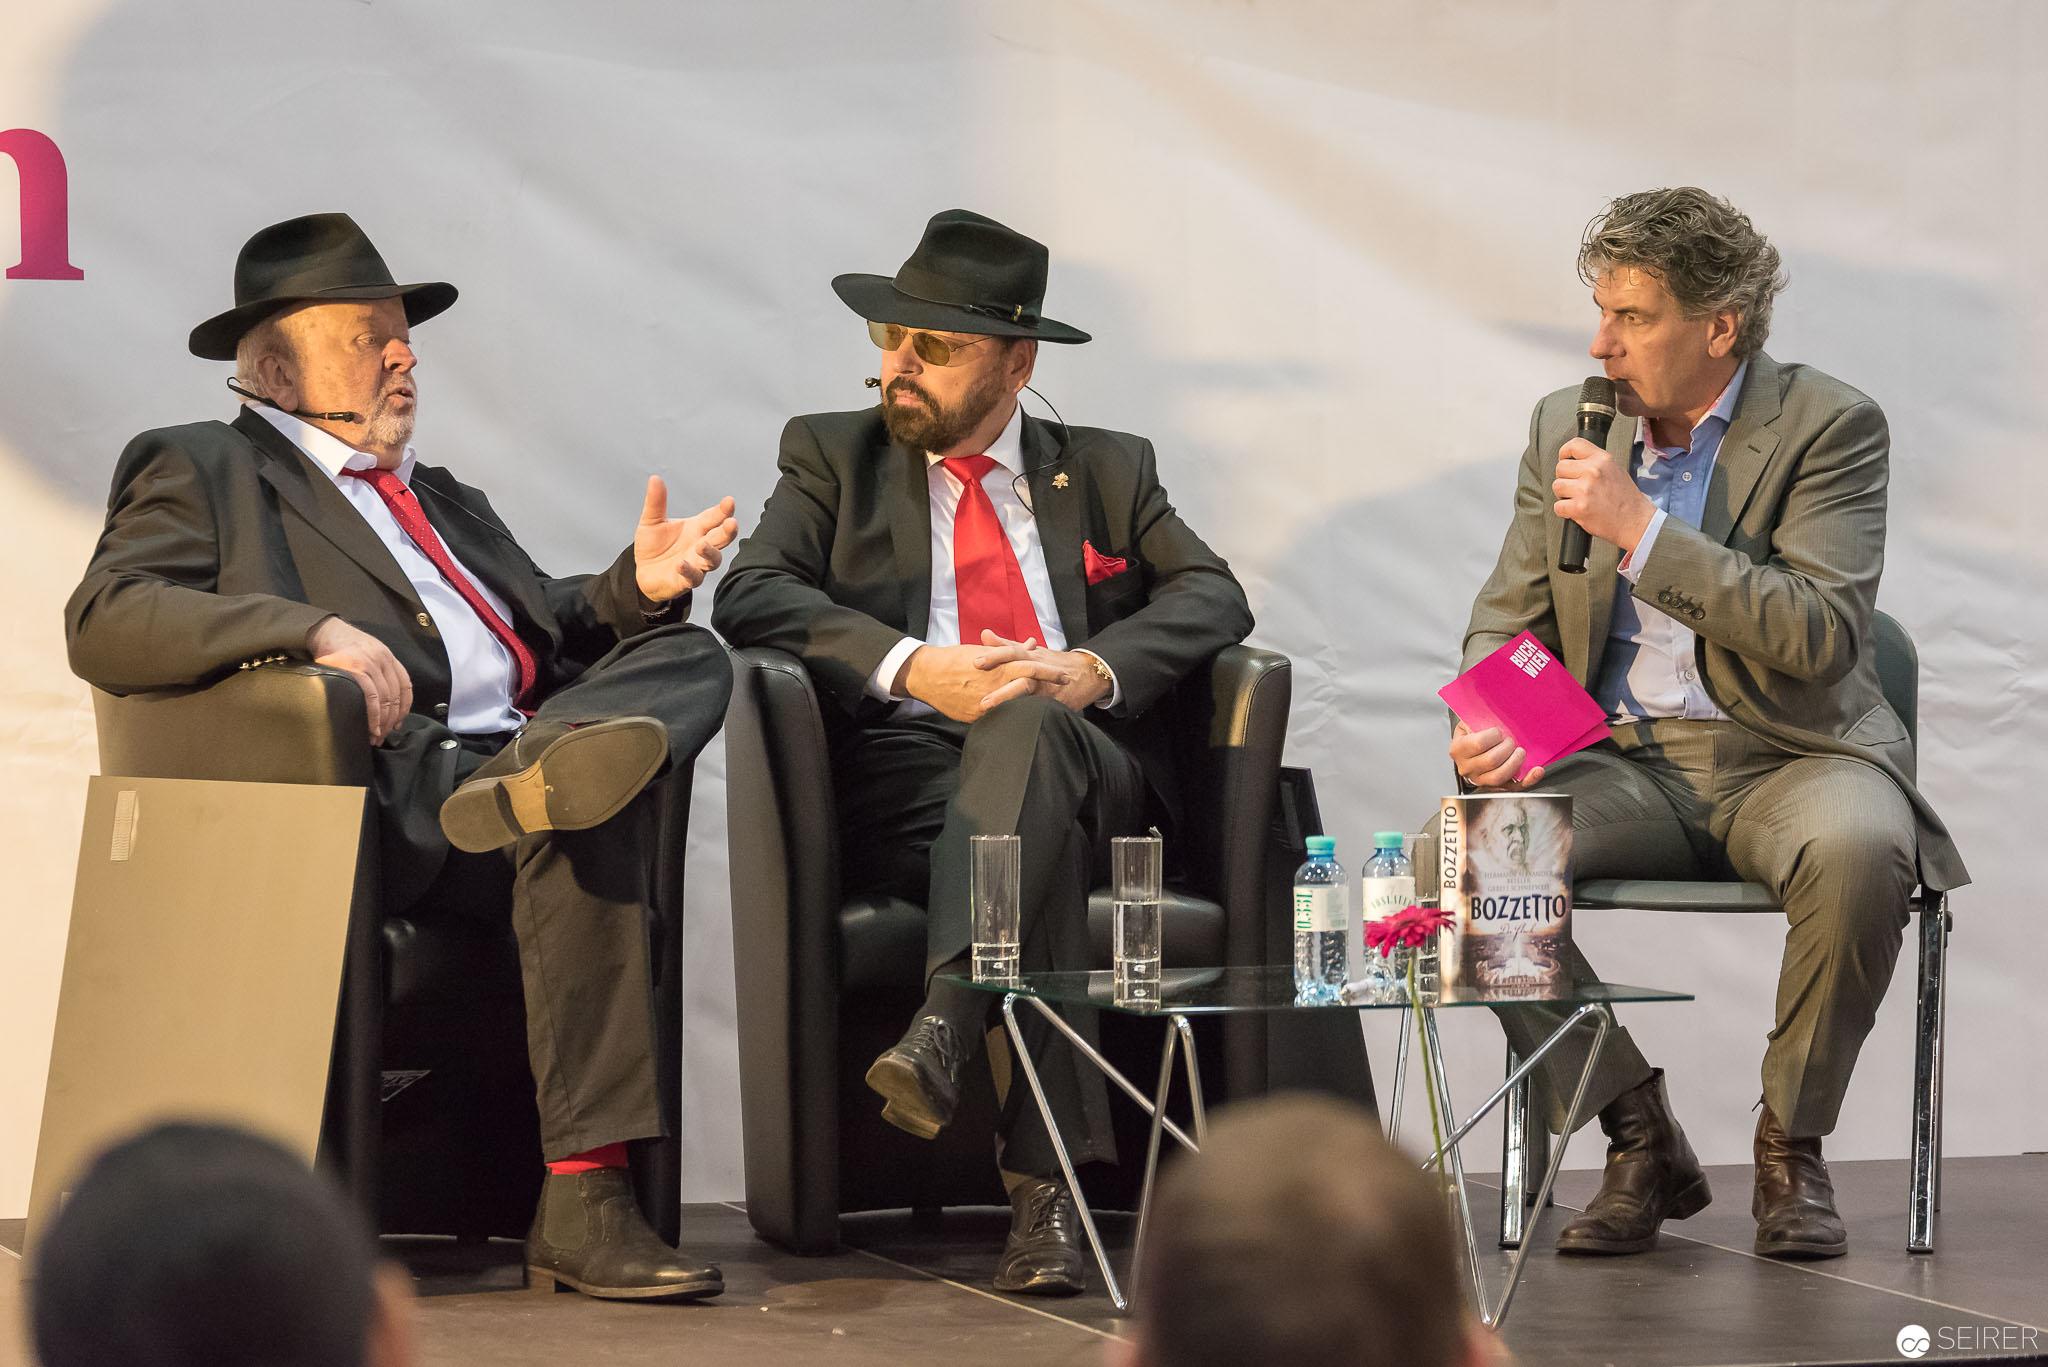 """Gerd J. Schneeweis und Hermann Alexander Beyeler mit ihrem Buch """"Bozzetto"""" auf der Buch Wien 2016"""